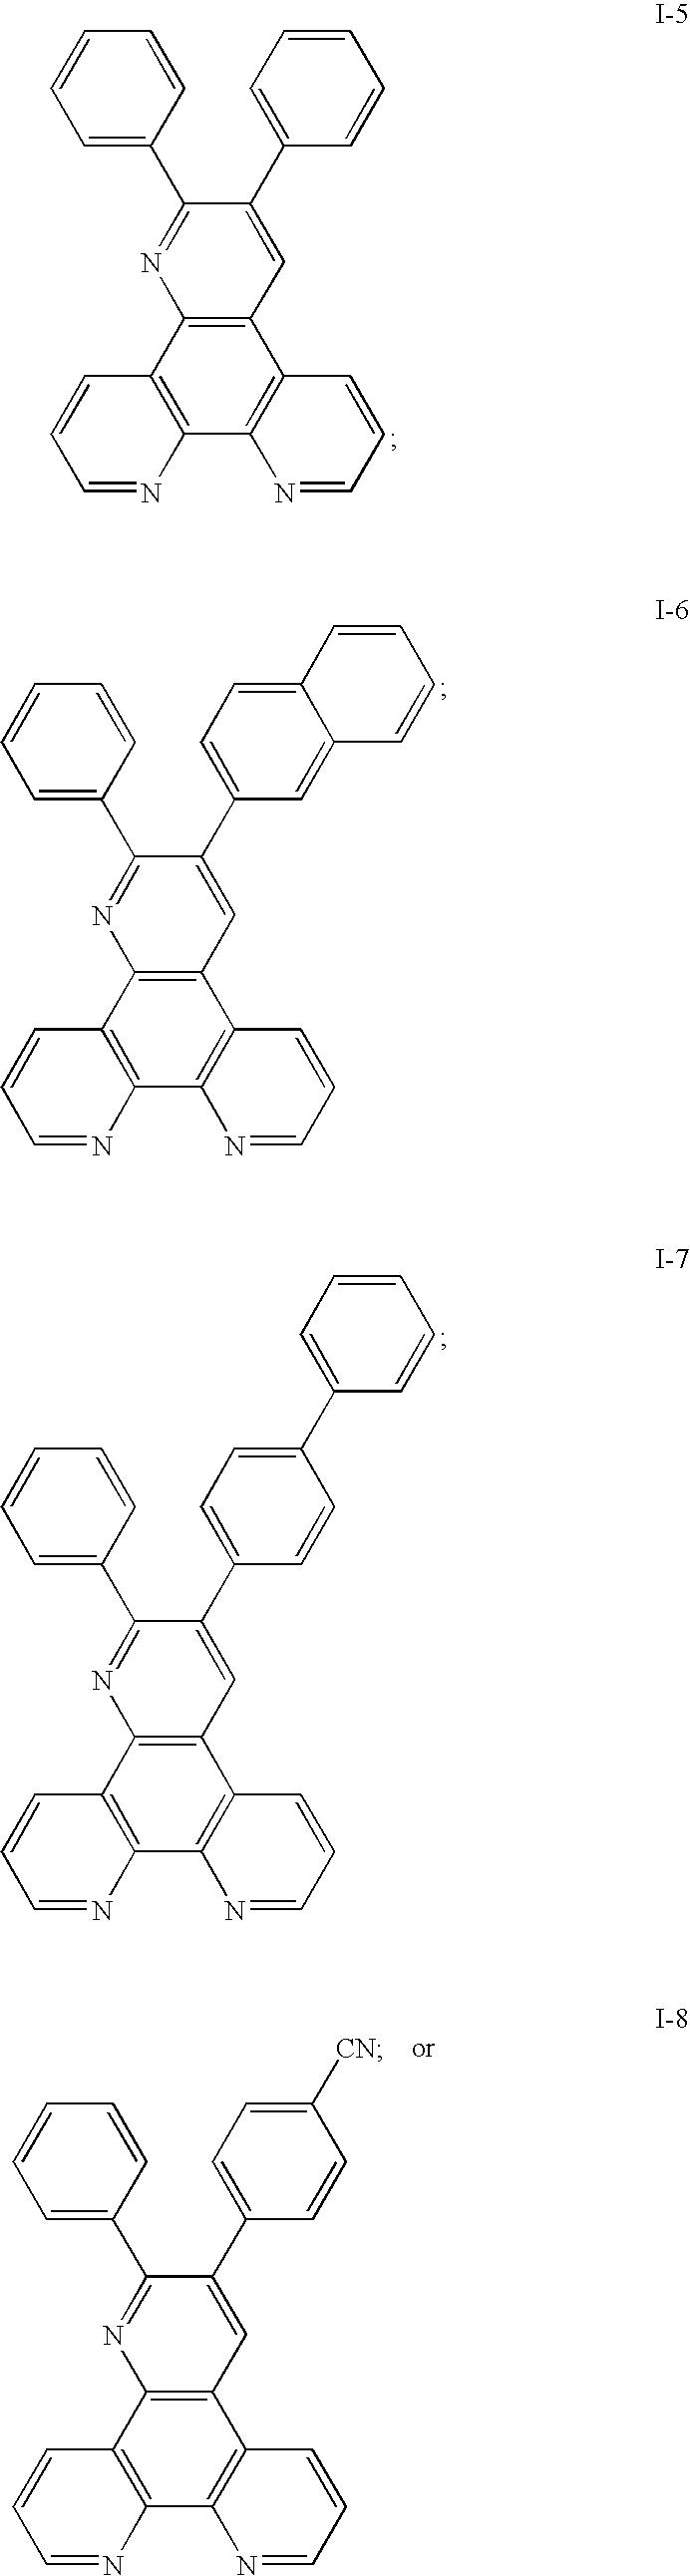 Figure US20090115316A1-20090507-C00048